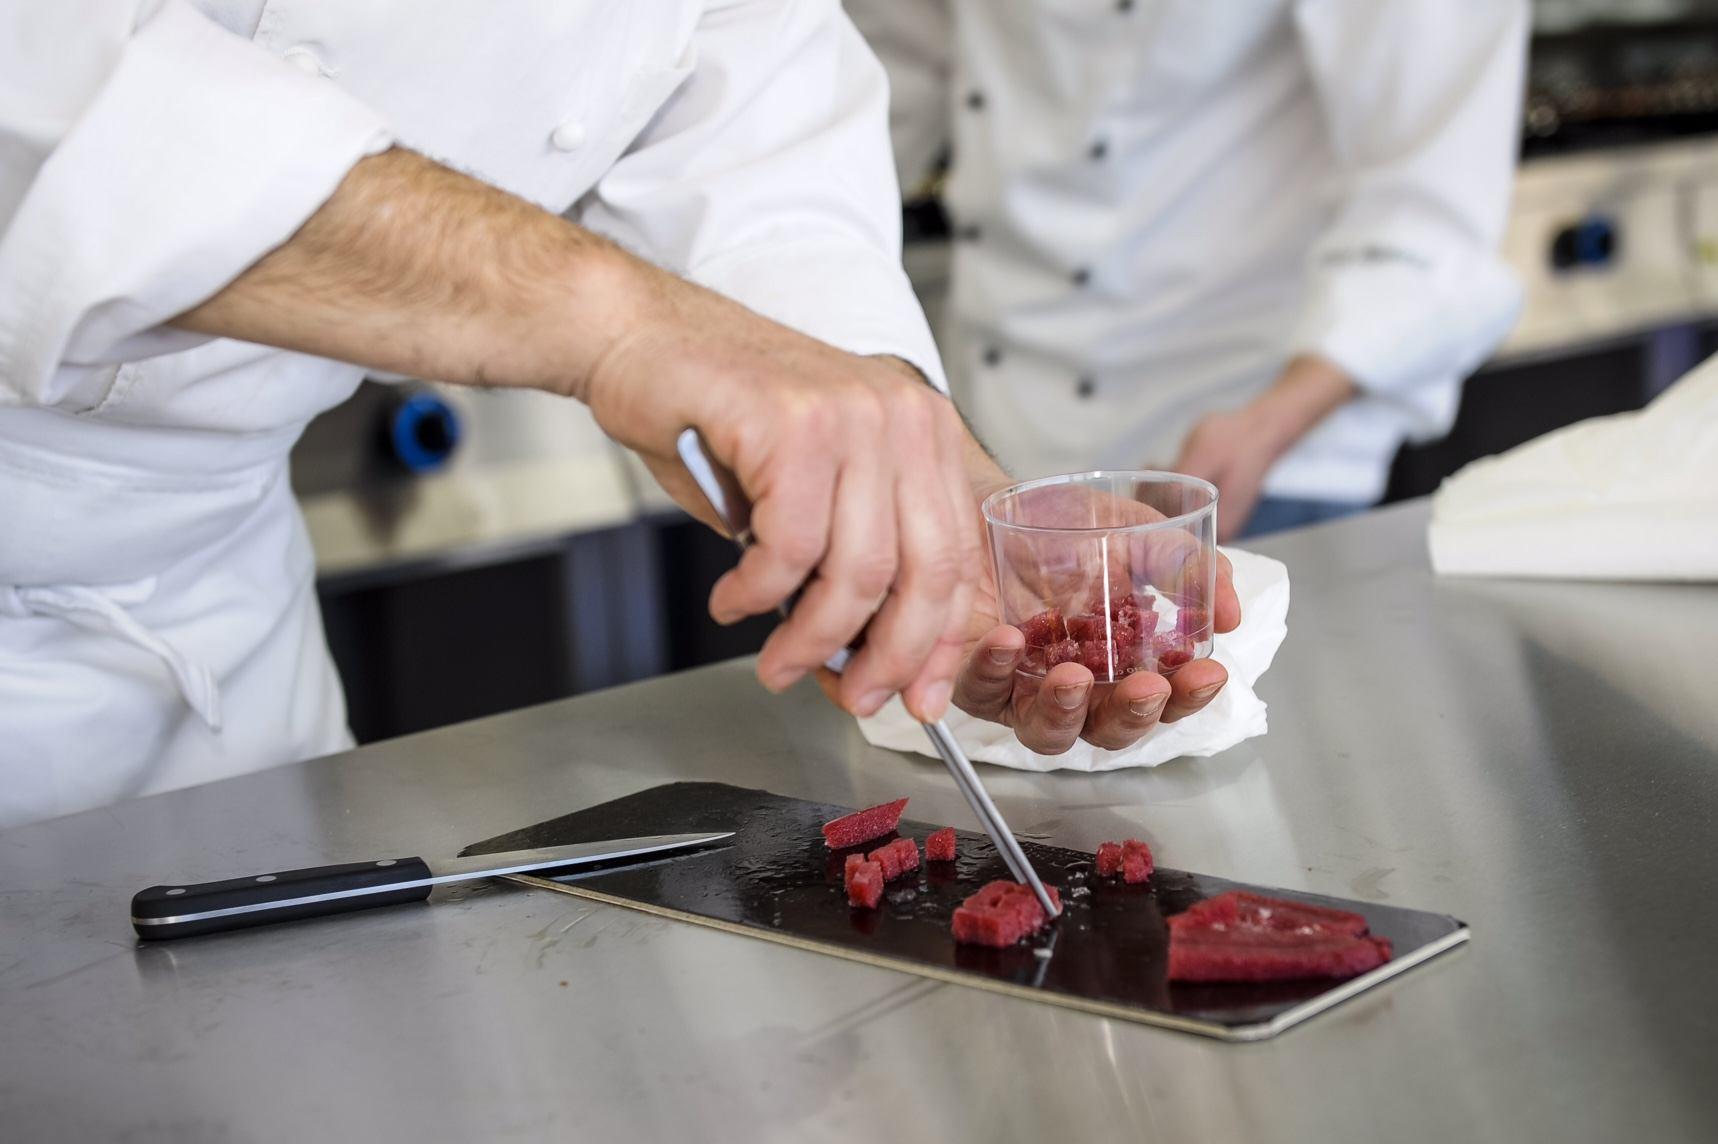 Mejores cursos gratuitos cocina cursosmasters - Cursos gratuitos de cocina ...